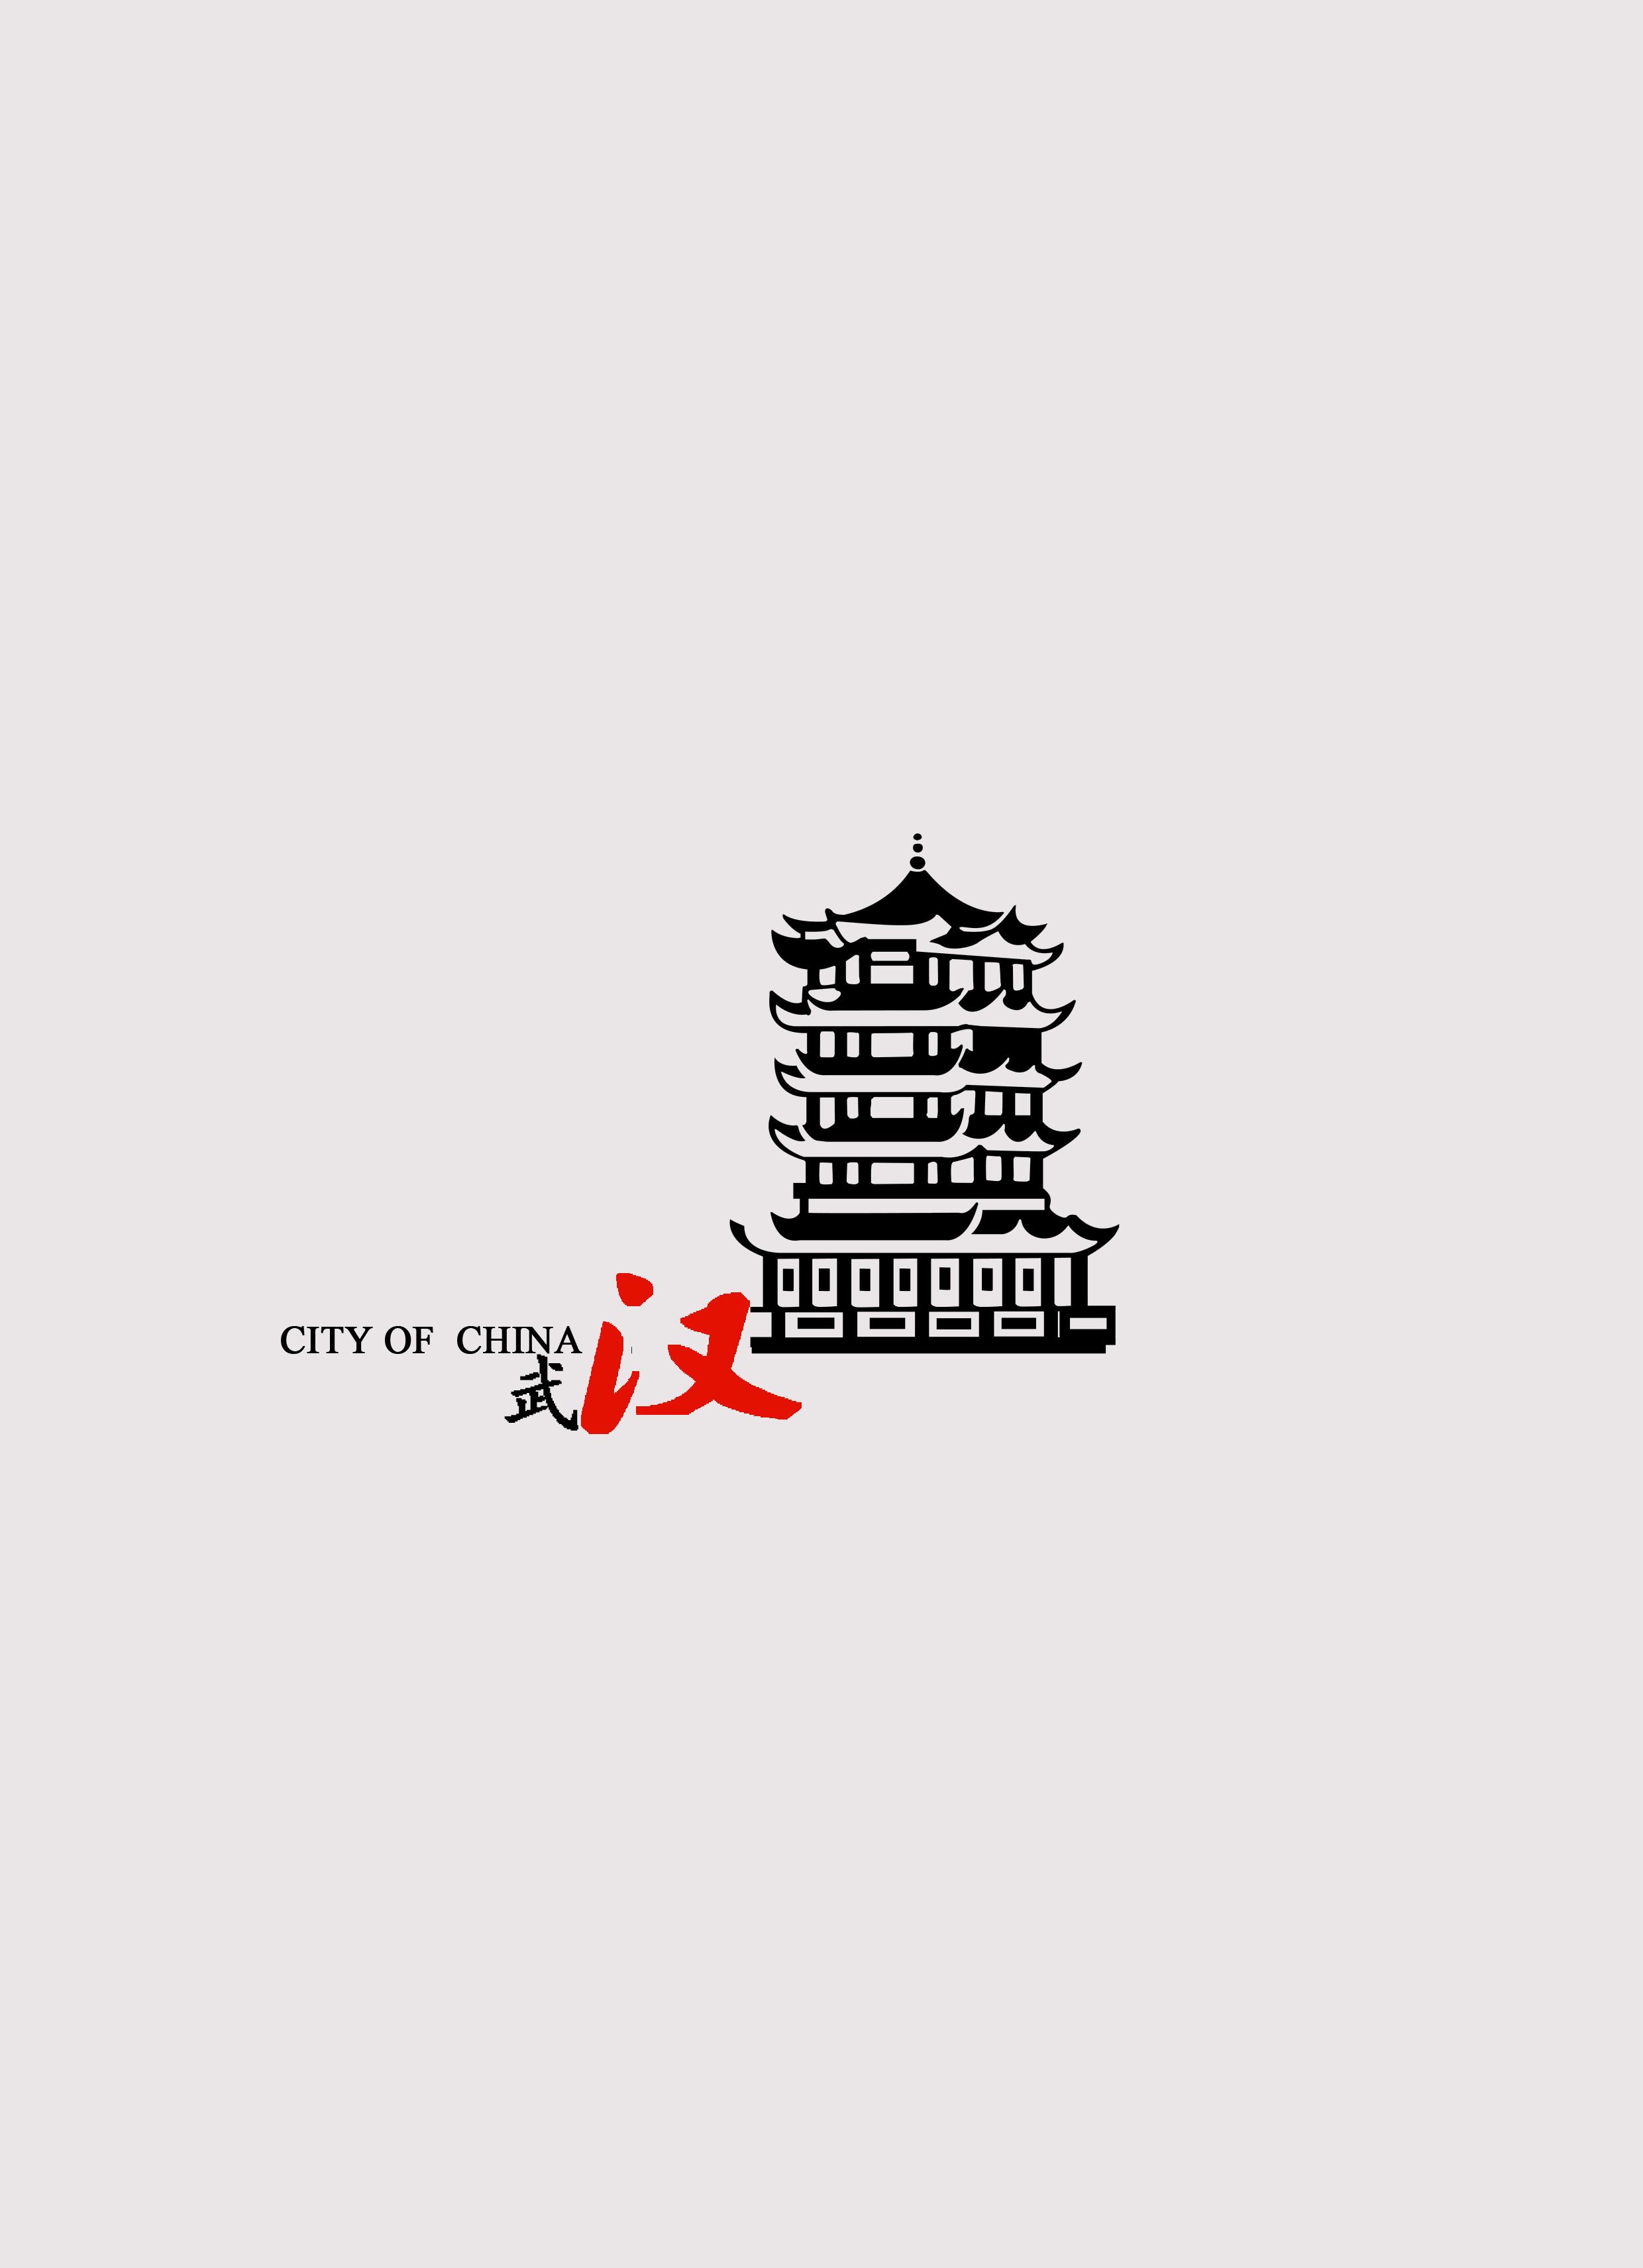 城市与武汉 主题招贴及图形创意图片